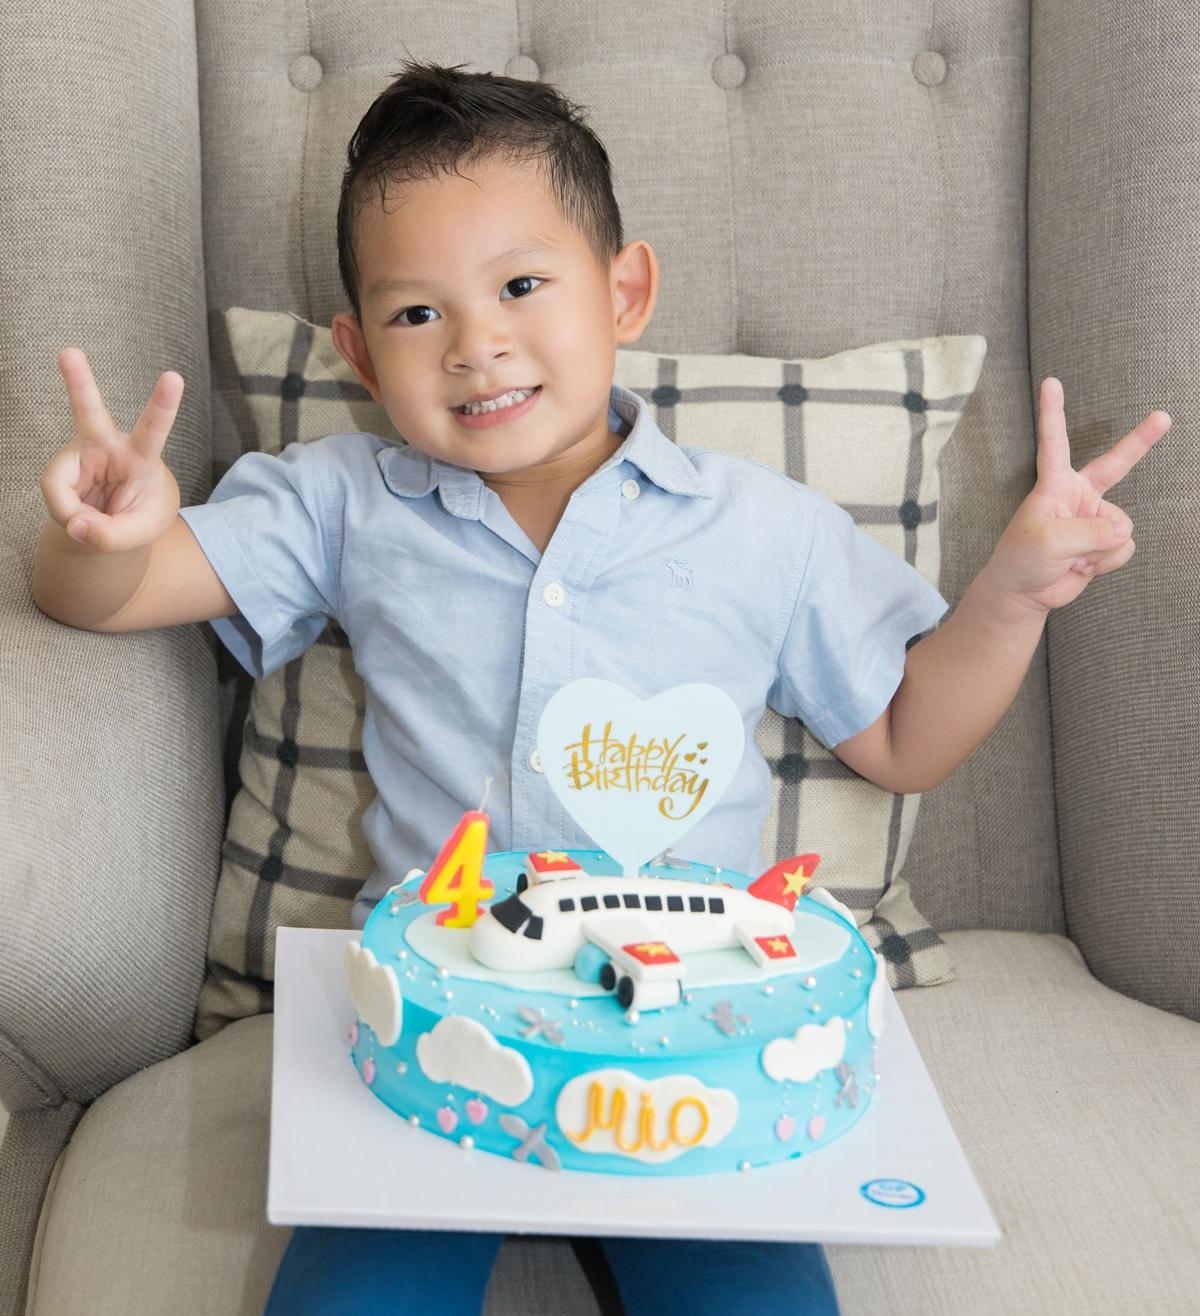 Mio (tên thật là Nguyễn phi Long) được bố mẹ chuẩn bị bánh kem xinh xắn. Cậu thích thú khi thổi nến và chụp ảnh.